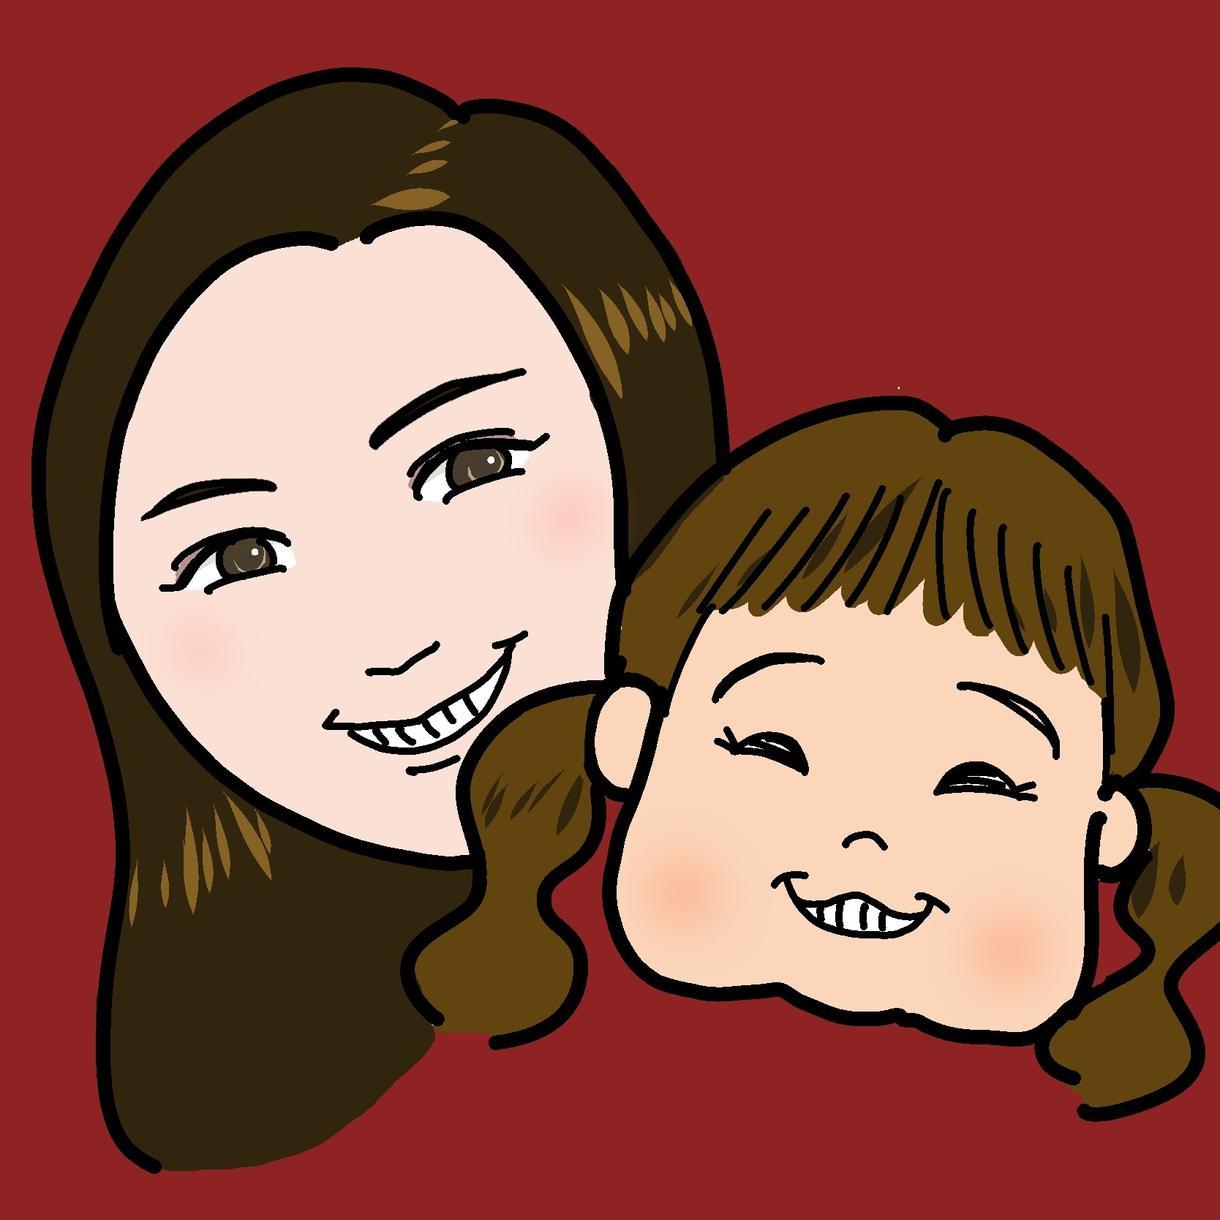 かわいい!ママと赤ちゃんのSNSアイコン描きます ★子どもの「いま」を残しませんか★